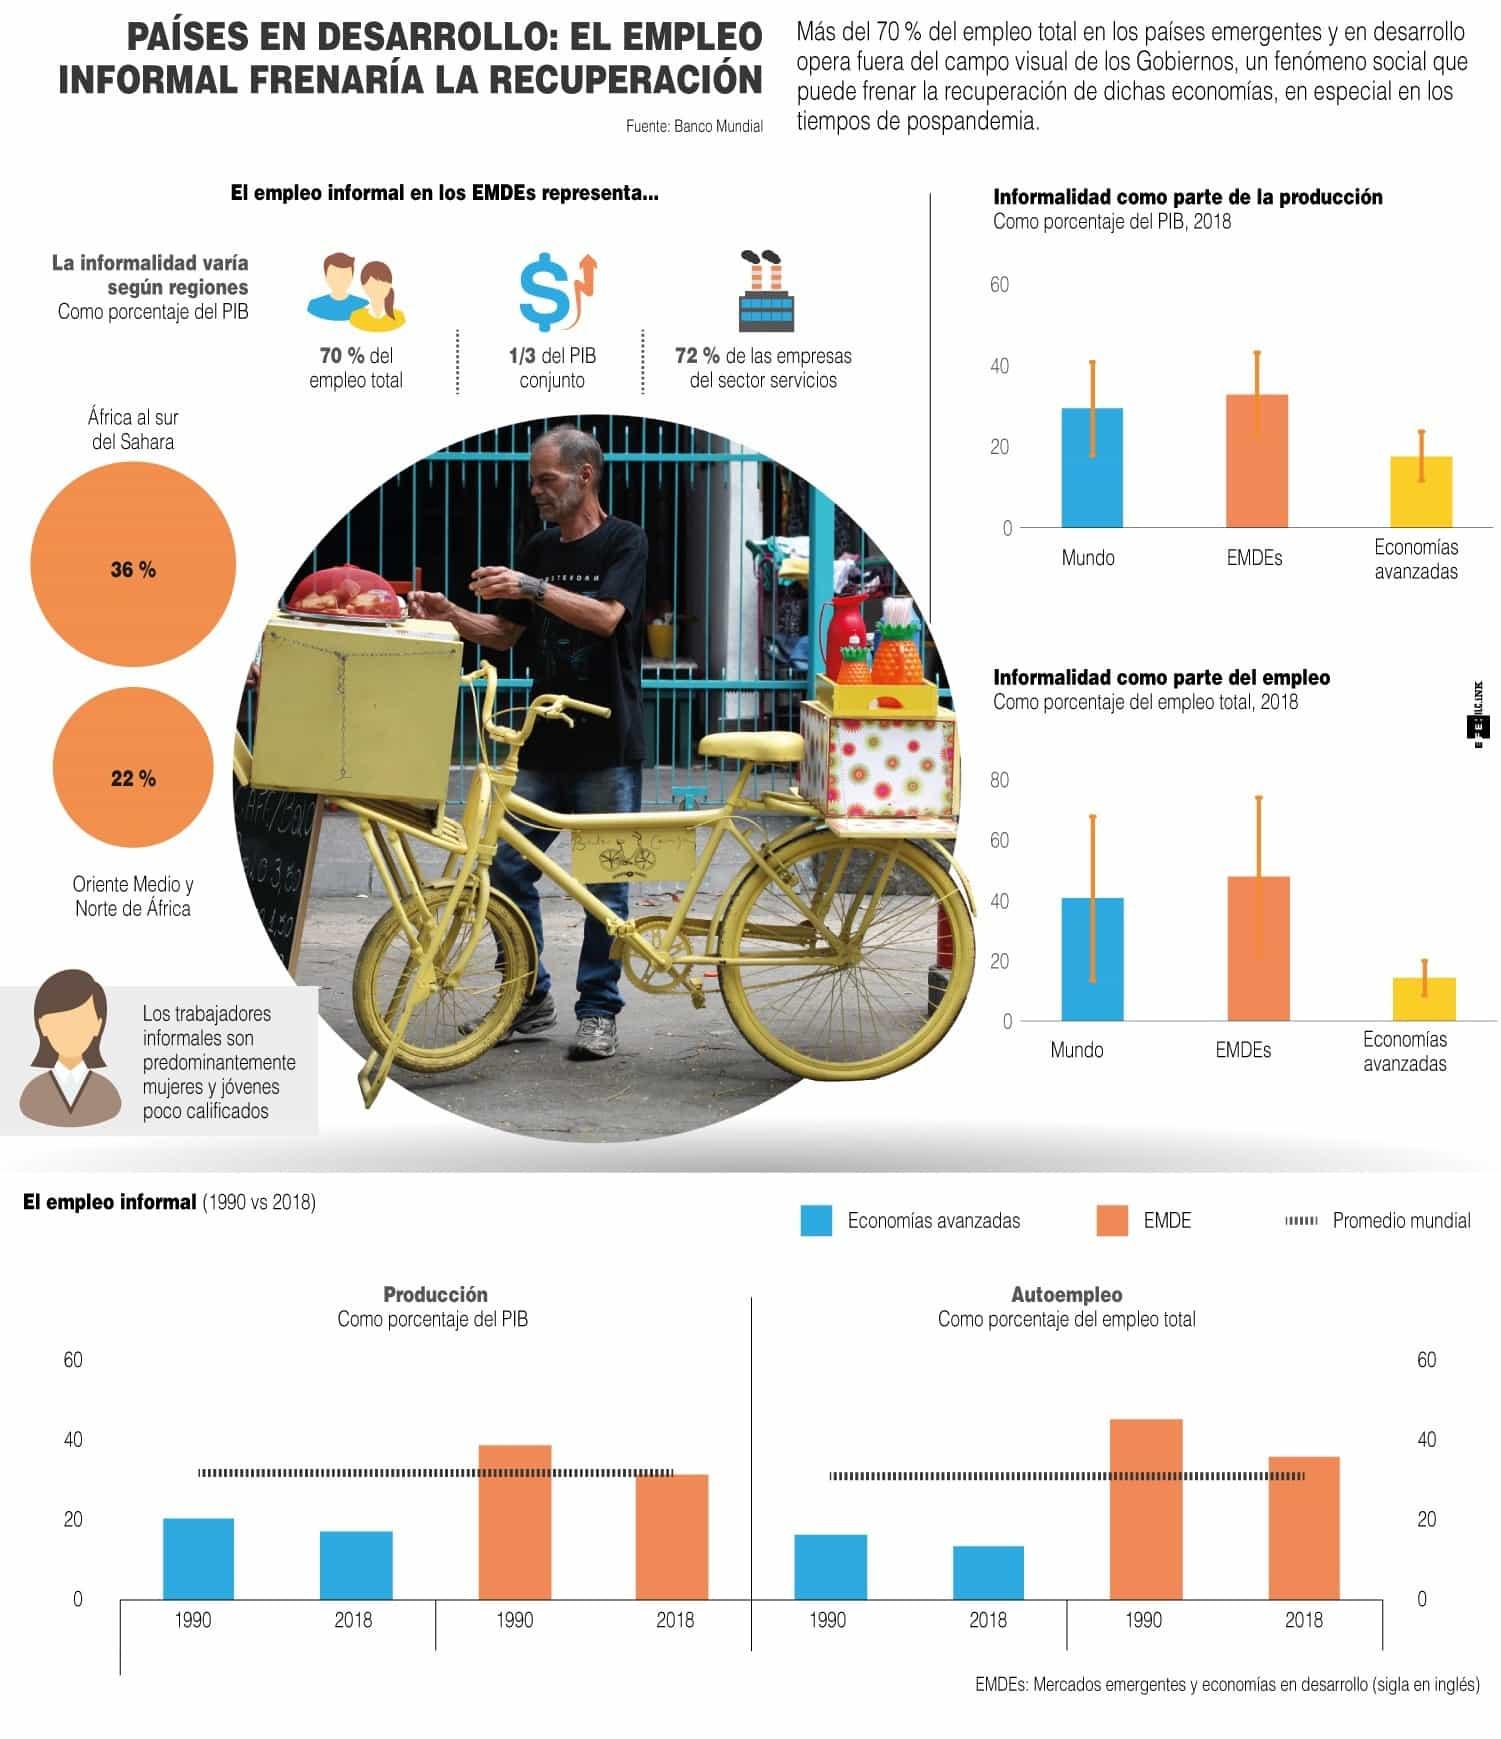 [Infografía] - Países en desarrollo: El empleo informal frenaría la recuperación 1